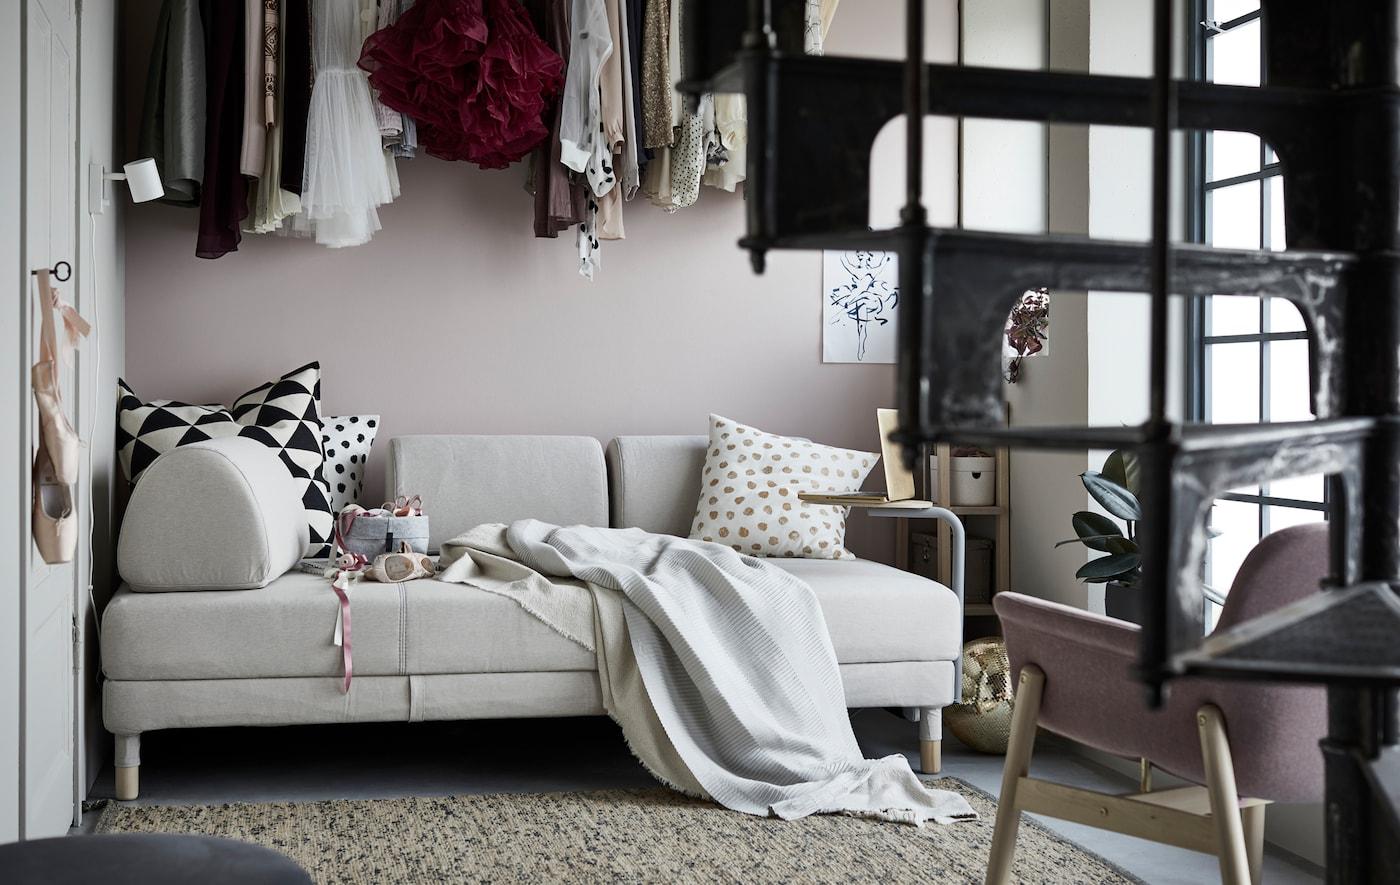 Un sofá cama IKEA FLOTTEBO en una habitación con una escalera de caracol y ropa colgando encima del sofá.